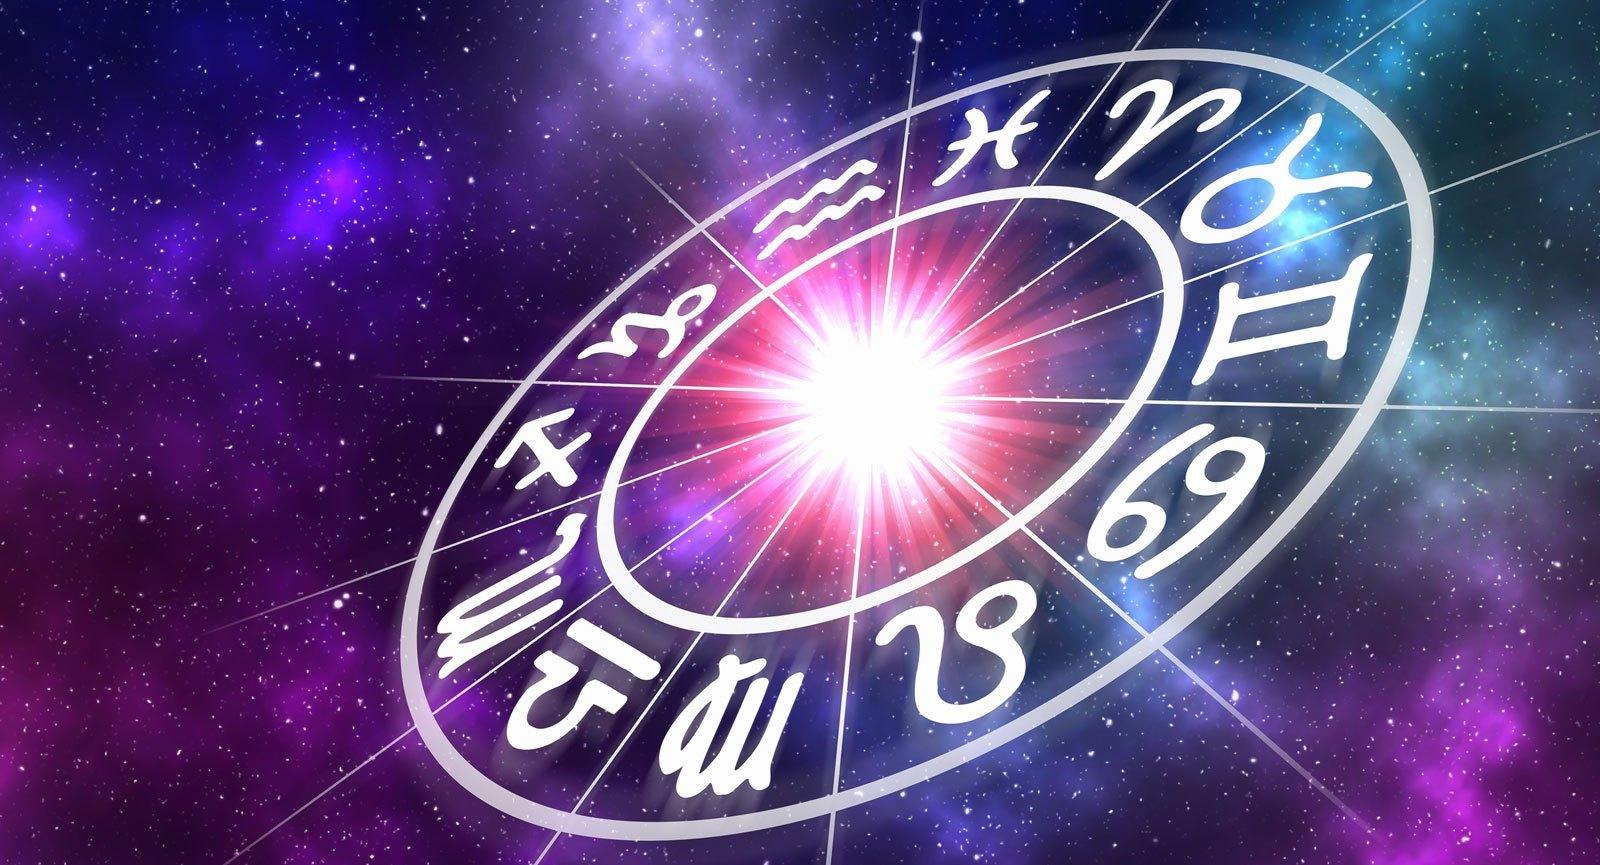 Астро Хороскоп, Астрология Фабрика за мечти